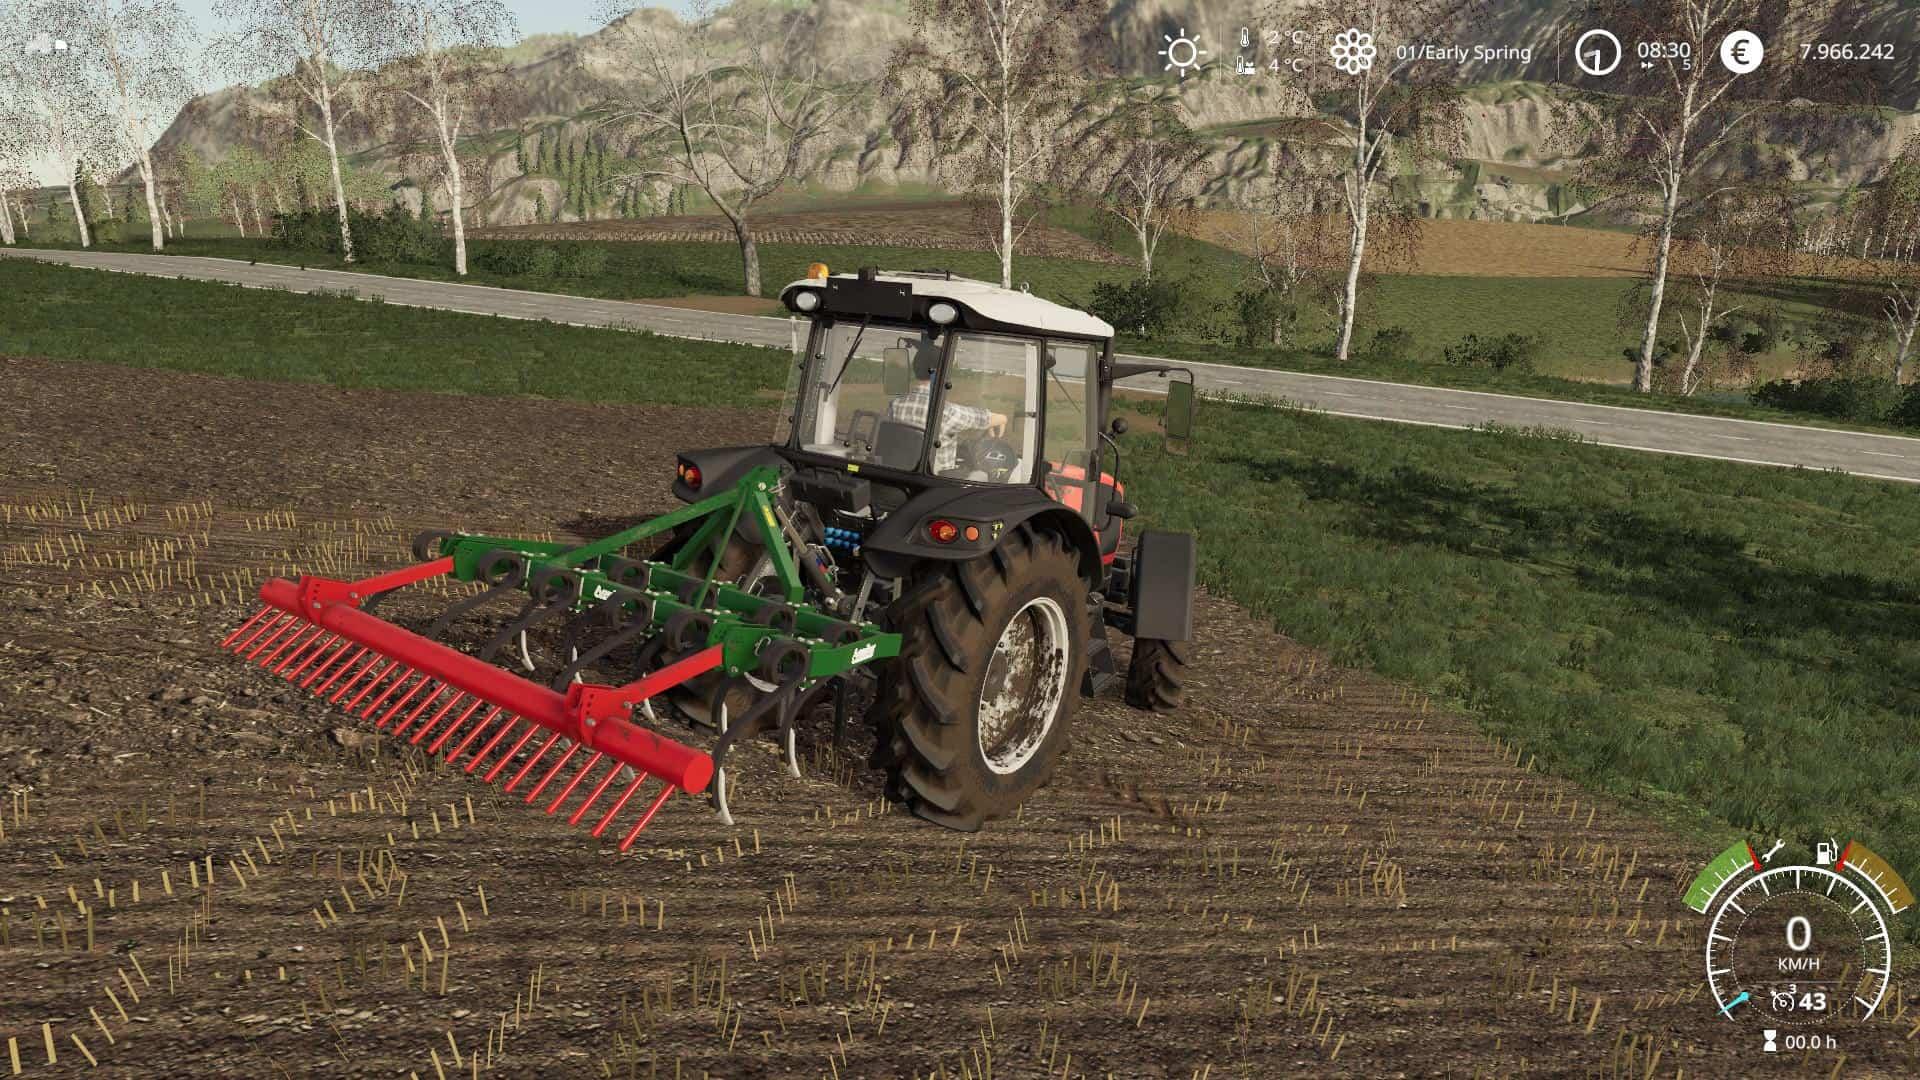 Aguilar 11 brazos v1 0 Mod - Farming Simulator 19 Mod / FS19